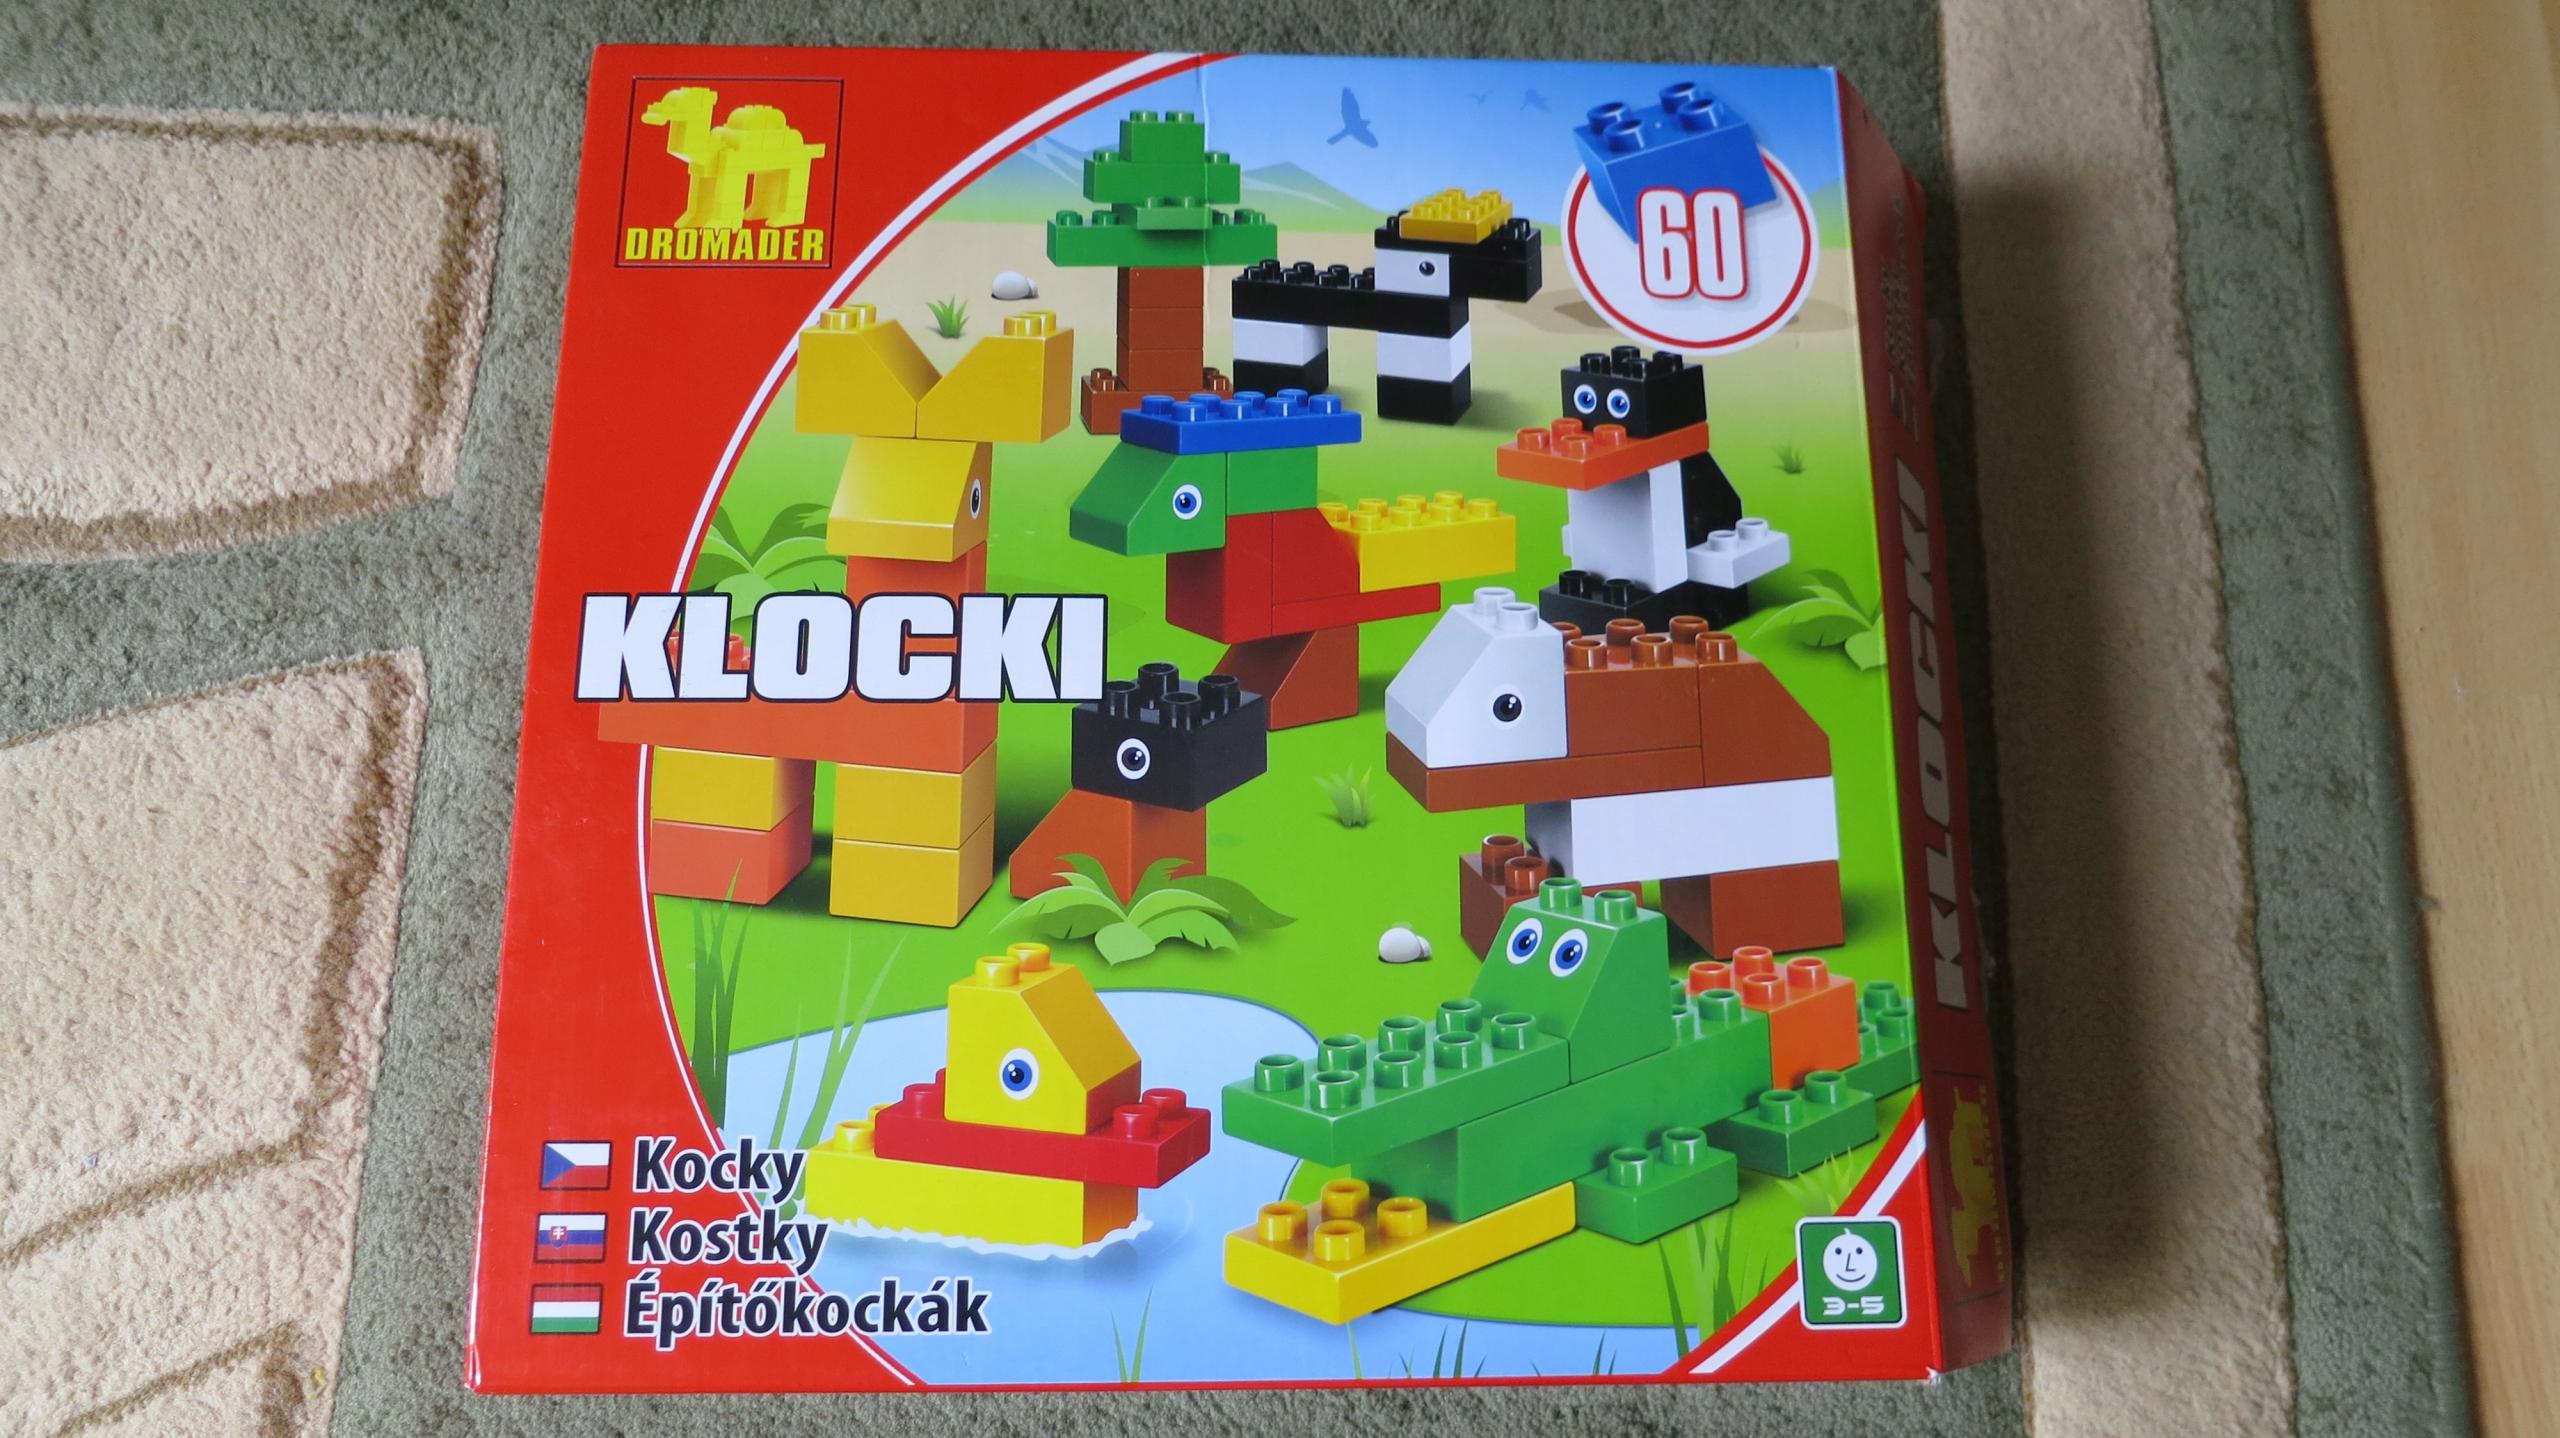 Lego Klocki W Oficjalnym Archiwum Allegro Strona 16 Archiwum Ofert